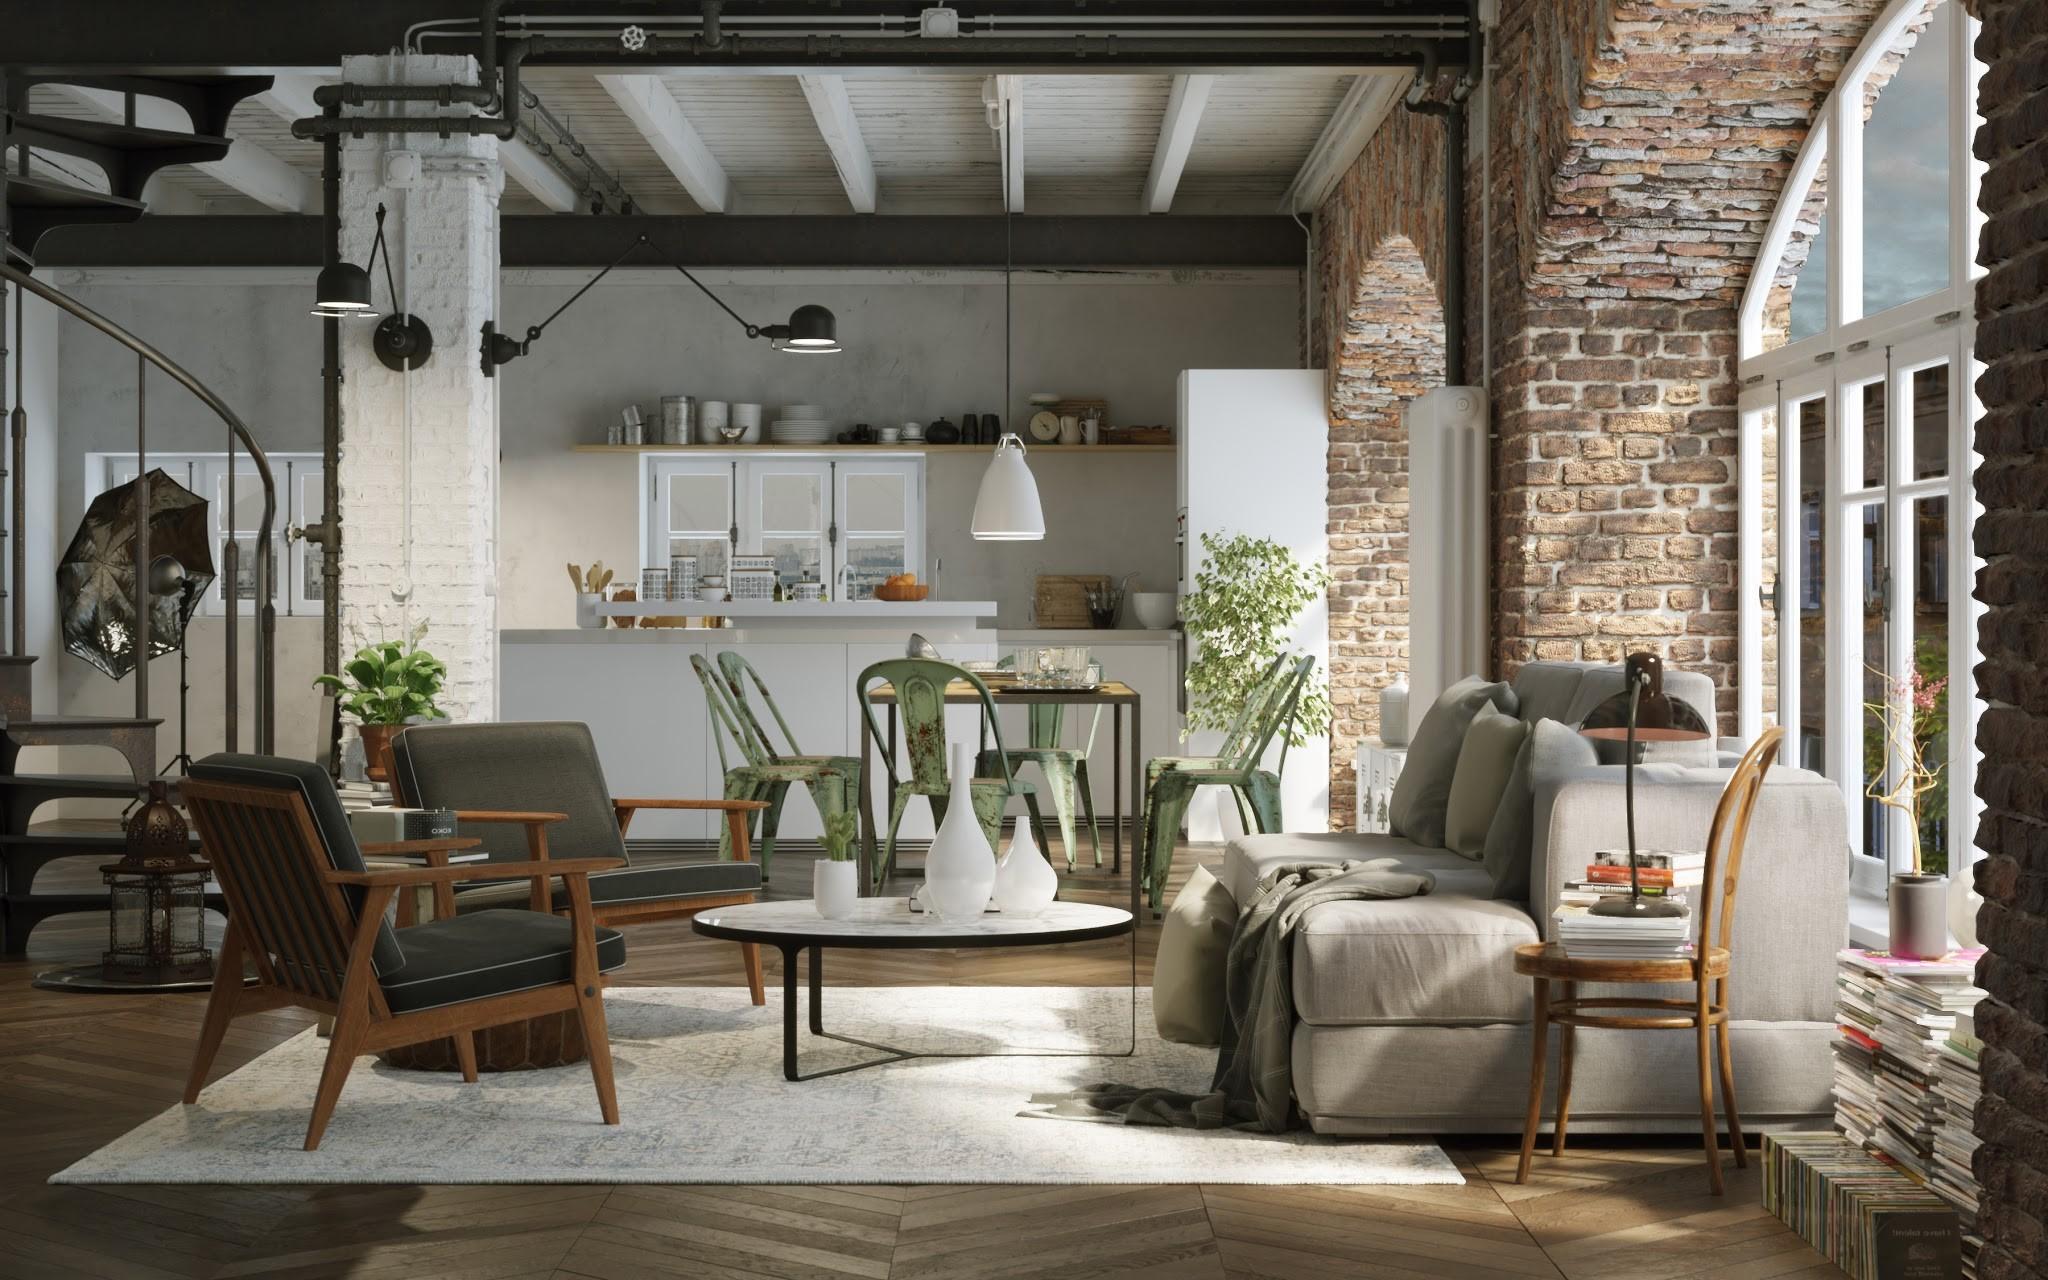 acheter un bien lou page 1 la bonne pierre. Black Bedroom Furniture Sets. Home Design Ideas